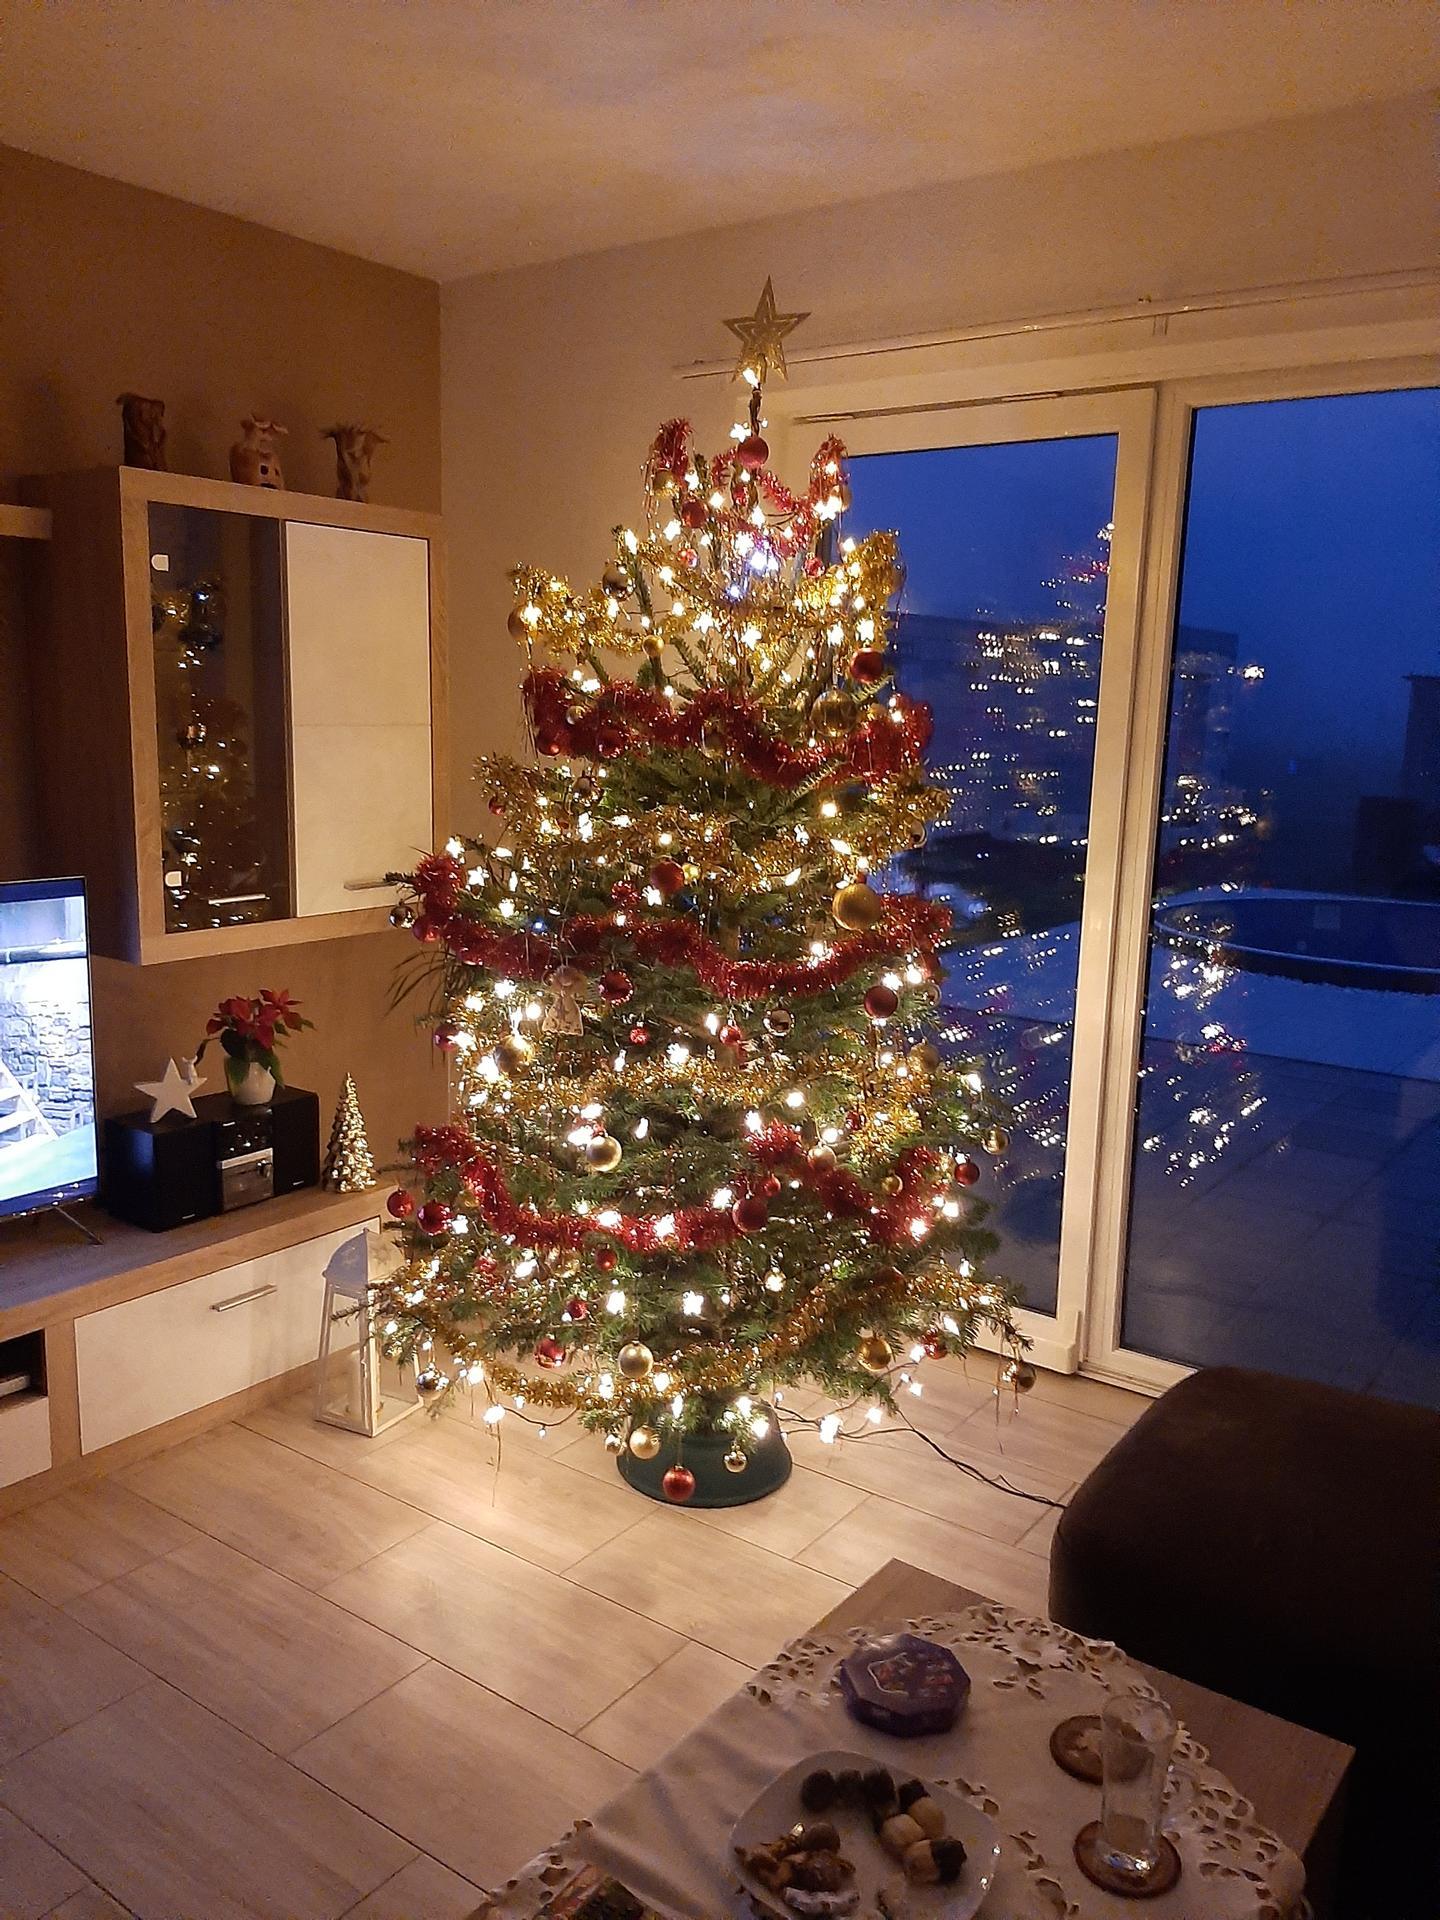 Vánoční čas je už i u nás-stromeček je na svym místě,tak už může přijít ježíšek🎄🎁😉 - Obrázek č. 2